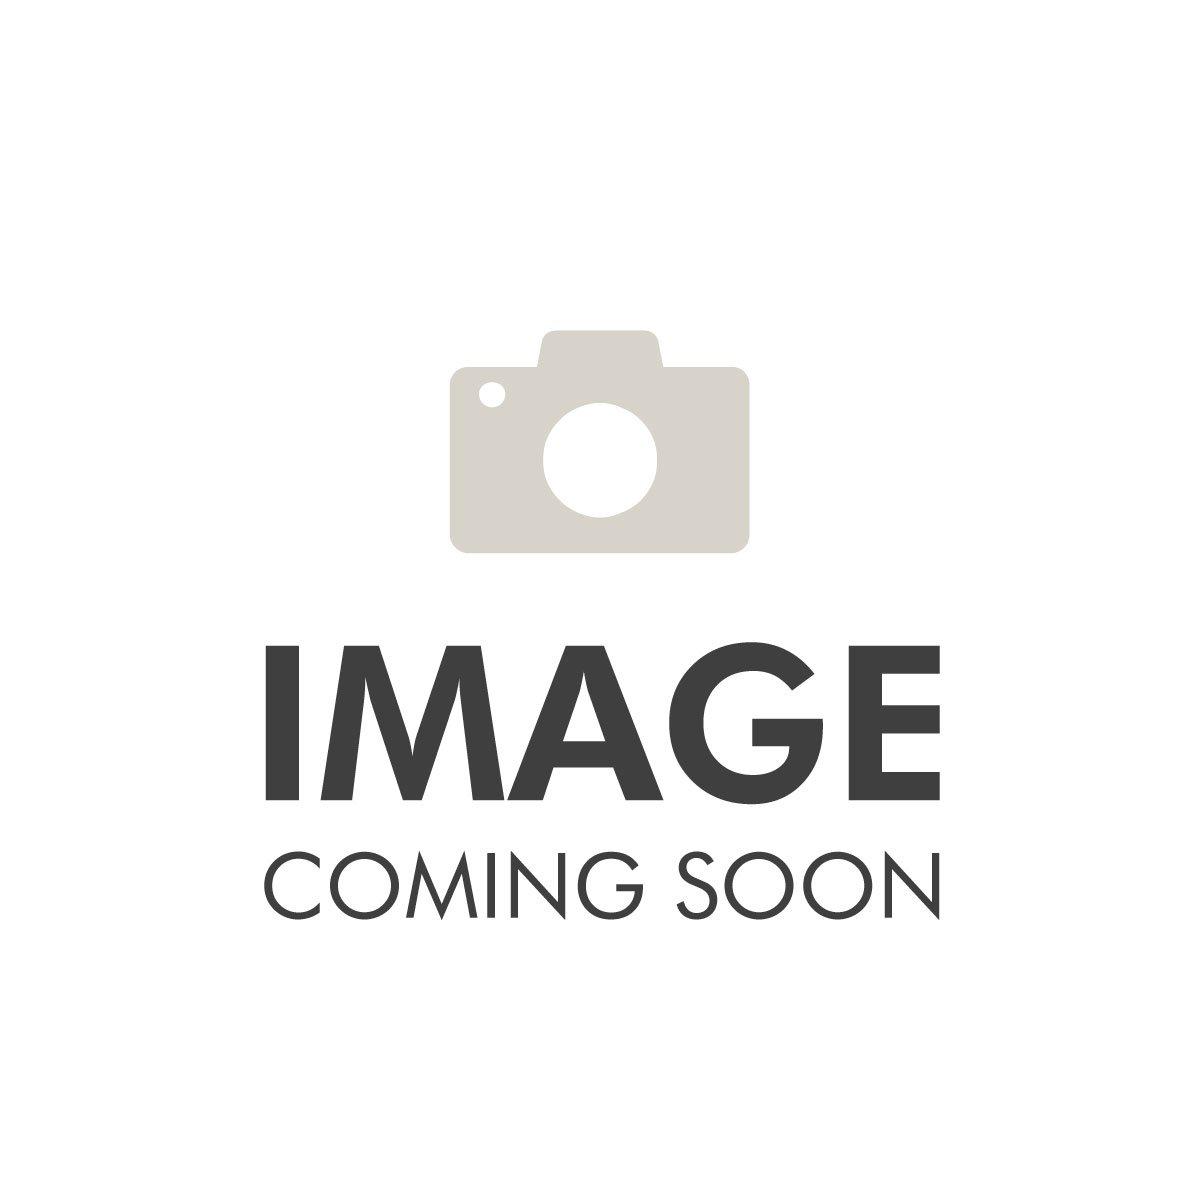 Allstar - Pointe de fleuret complète - Sans vis